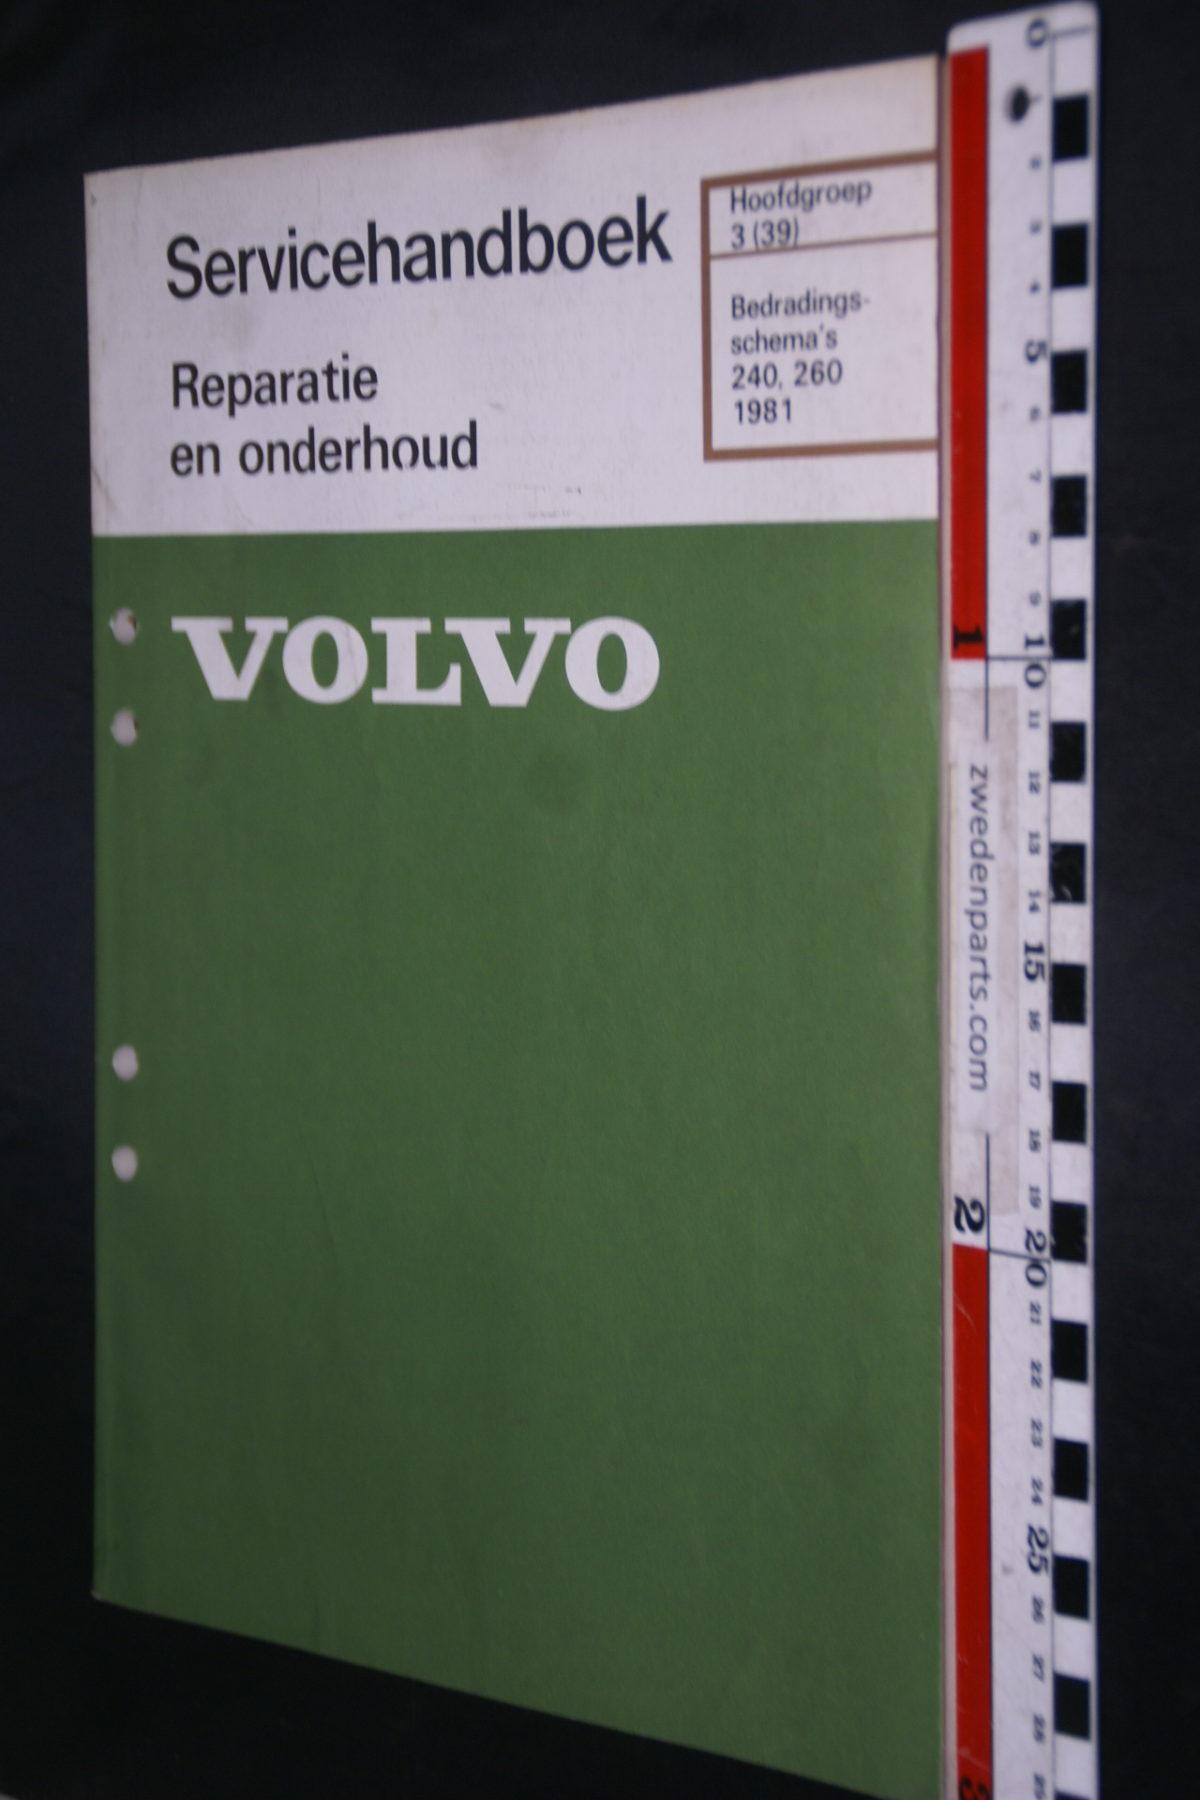 DSC08447 1981 origineel Volvo 240, 260 servicehandboek  3 (39) bedradingsschema 1 van 800 TP 30322-1